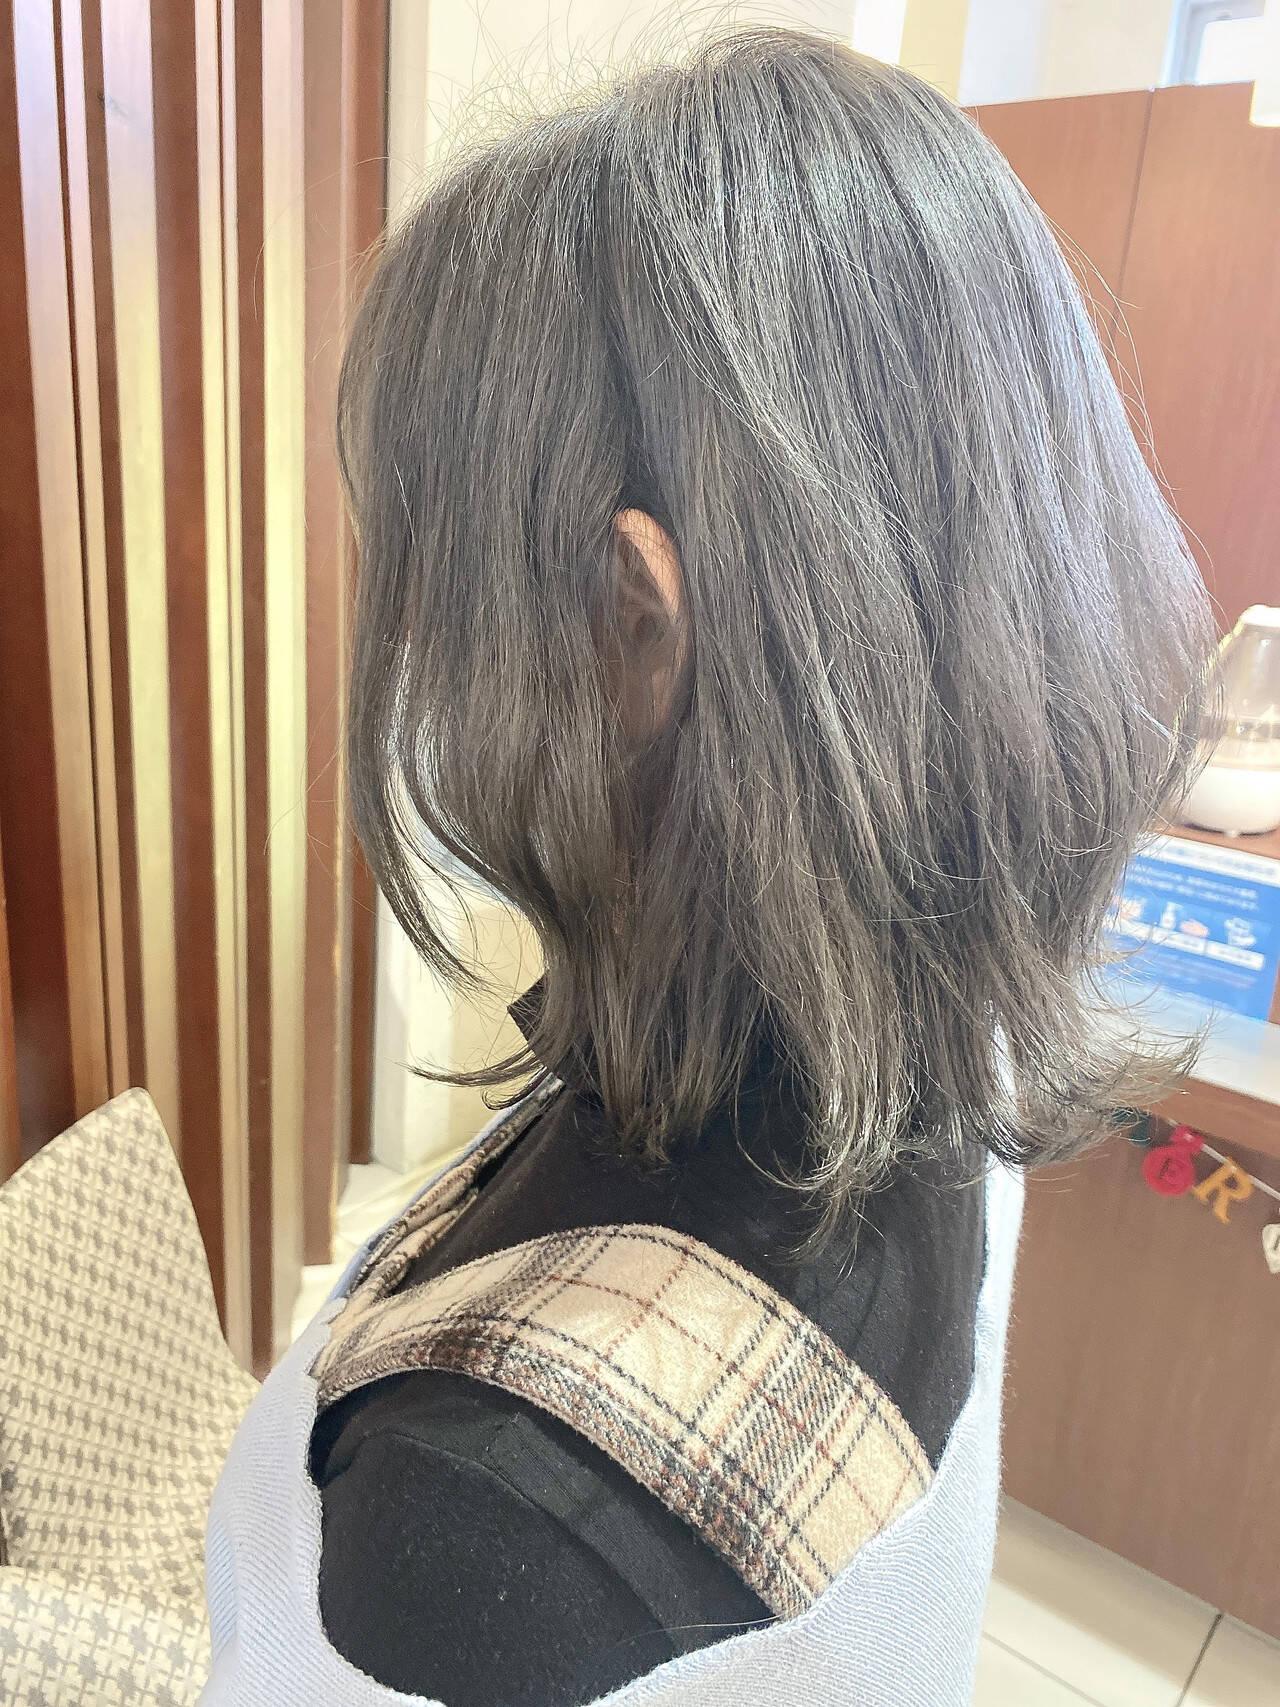 ミディアム アッシュグレー シルバーアッシュ ナチュラルヘアスタイルや髪型の写真・画像